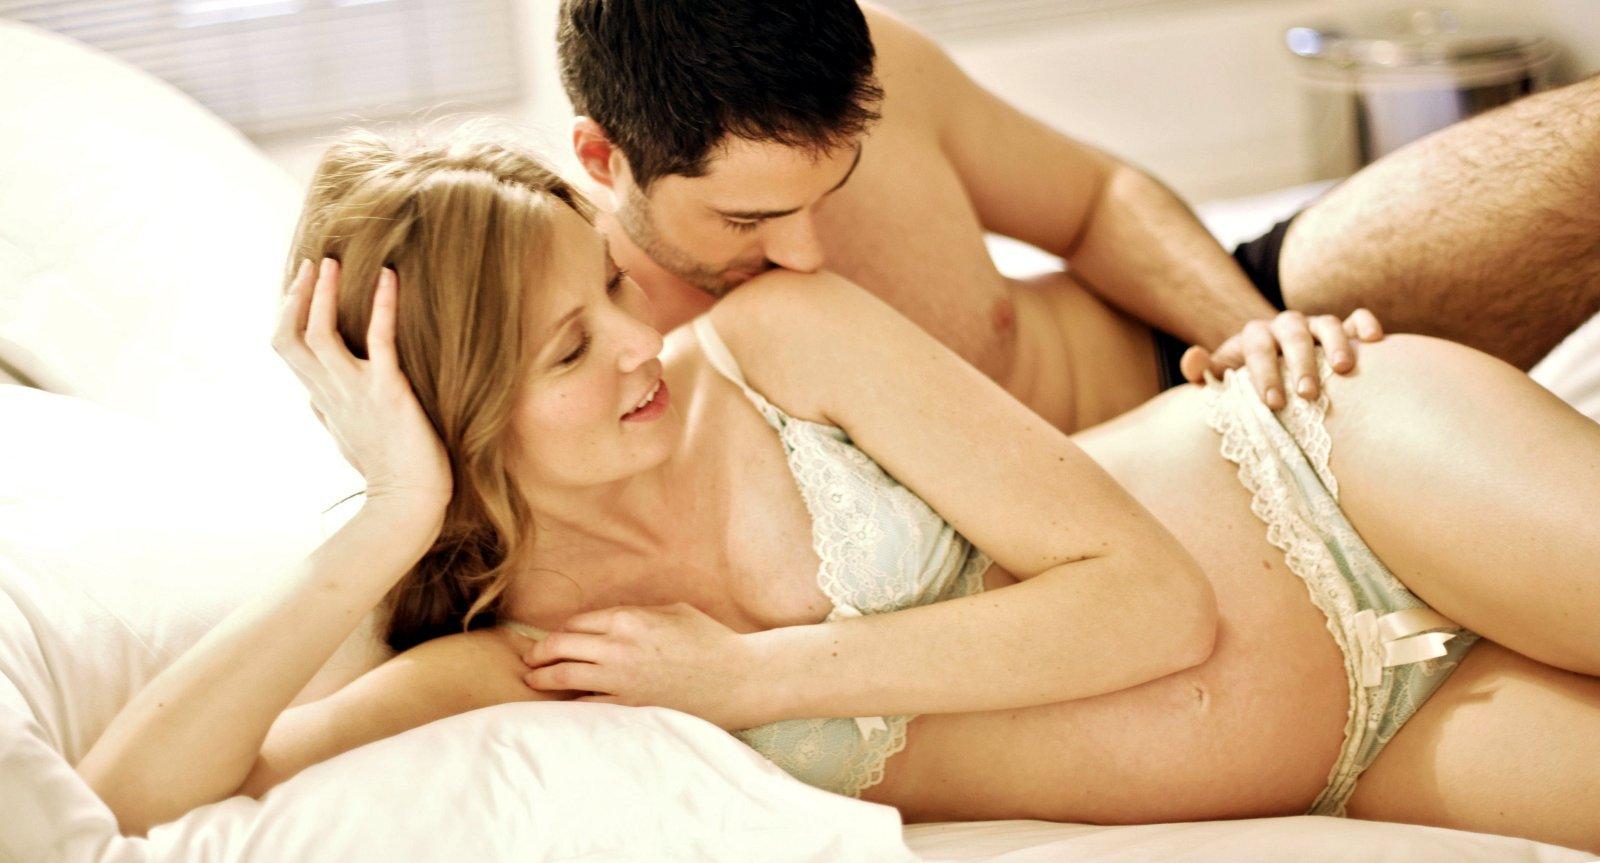 Если нет противопоказаний во время беременности, то отказываться от интима категорически не рекомендуется